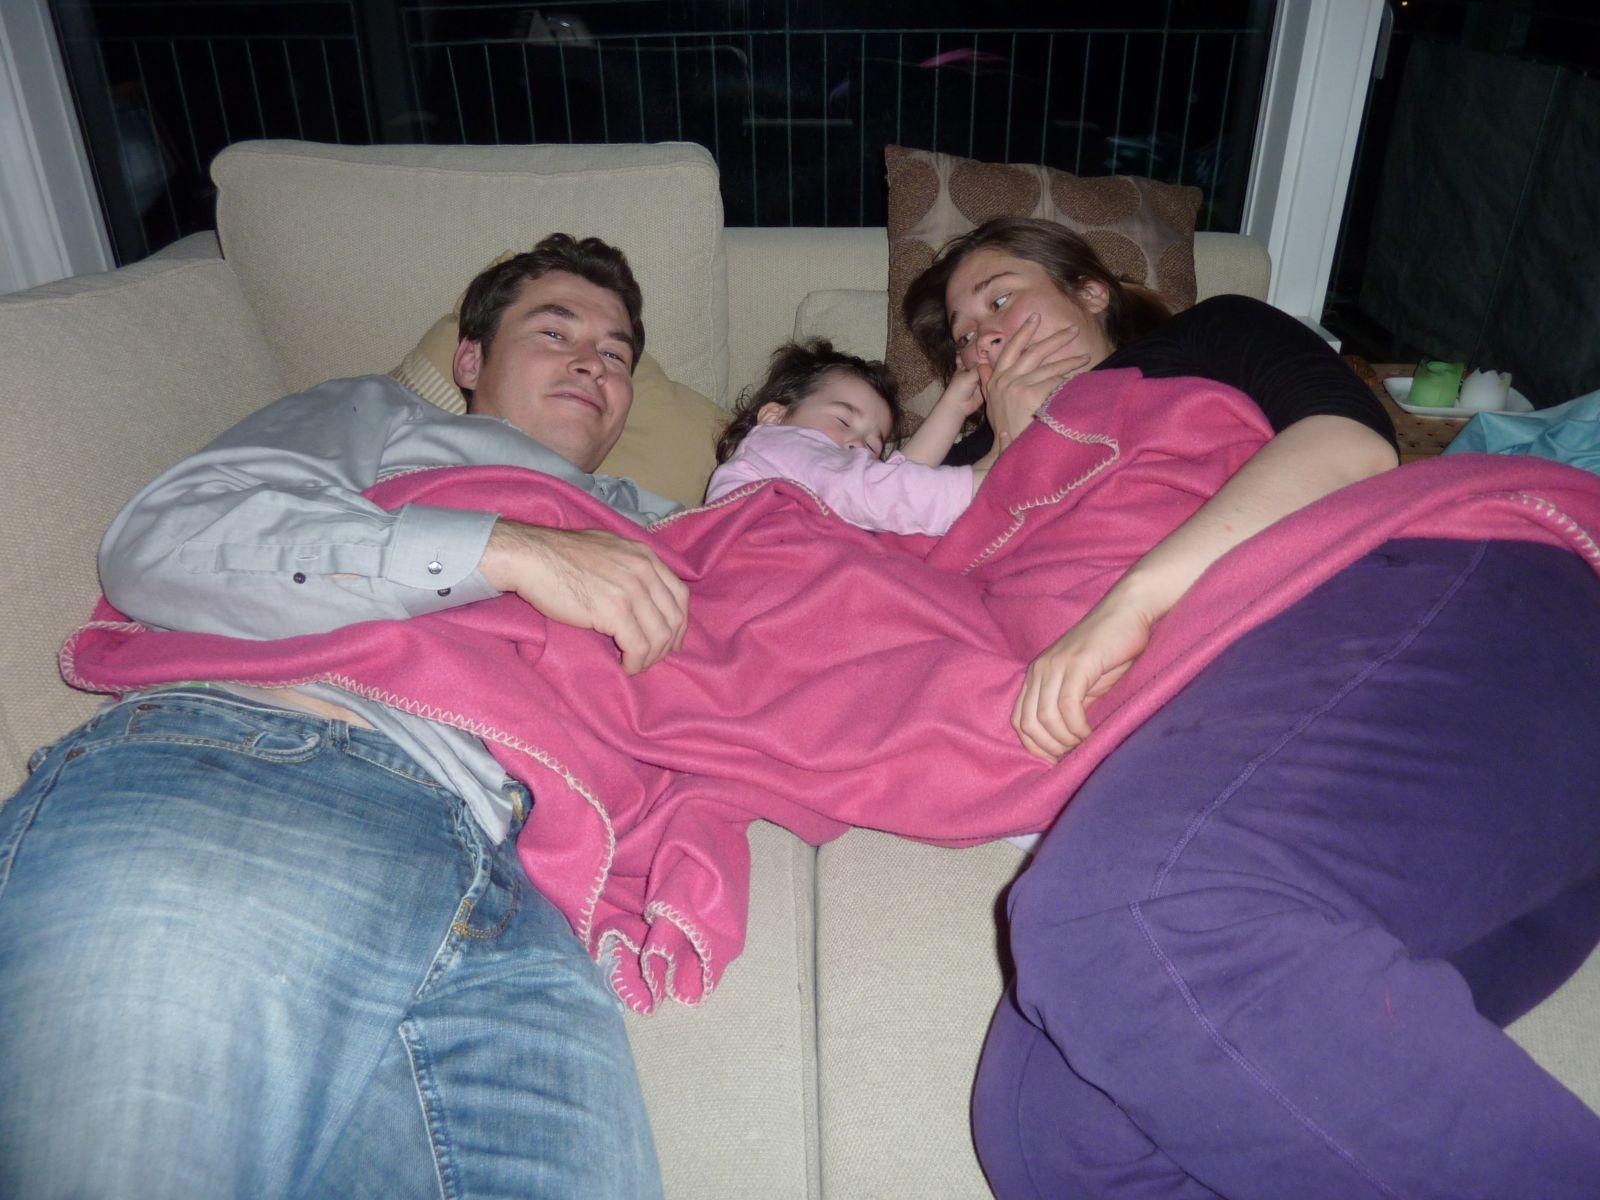 2010-11-26-2031_-_Jesper Eugenius Labansen; Maritha Eugenius Labansen; Qupanuk Eugenius Labansen_3